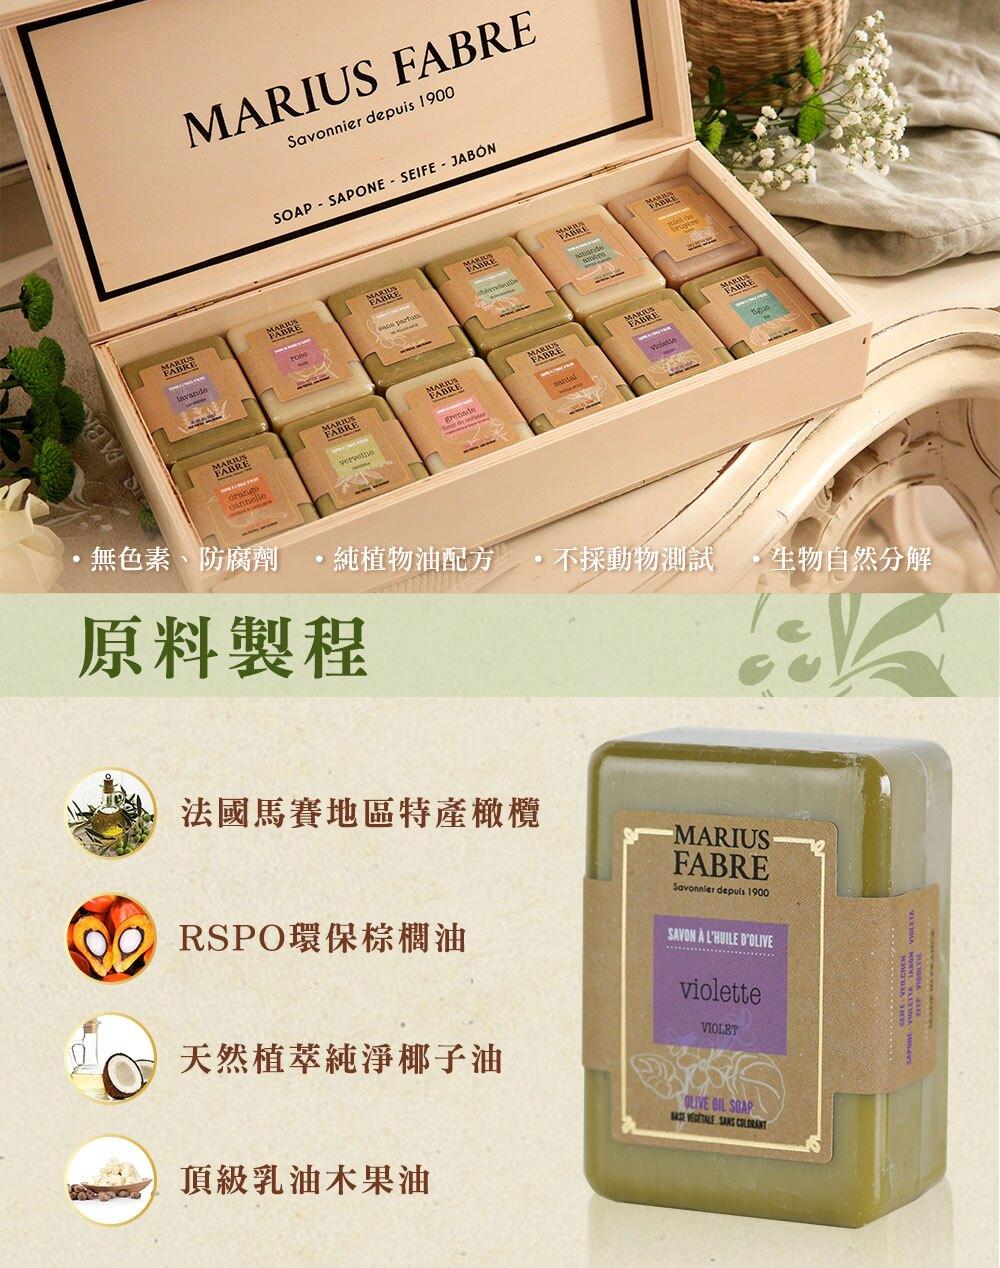 法鉑 MARIUS FABRE 紫羅蘭橄欖草本皂 150G 法國原裝進口 / UPSM認證 / EPV標章